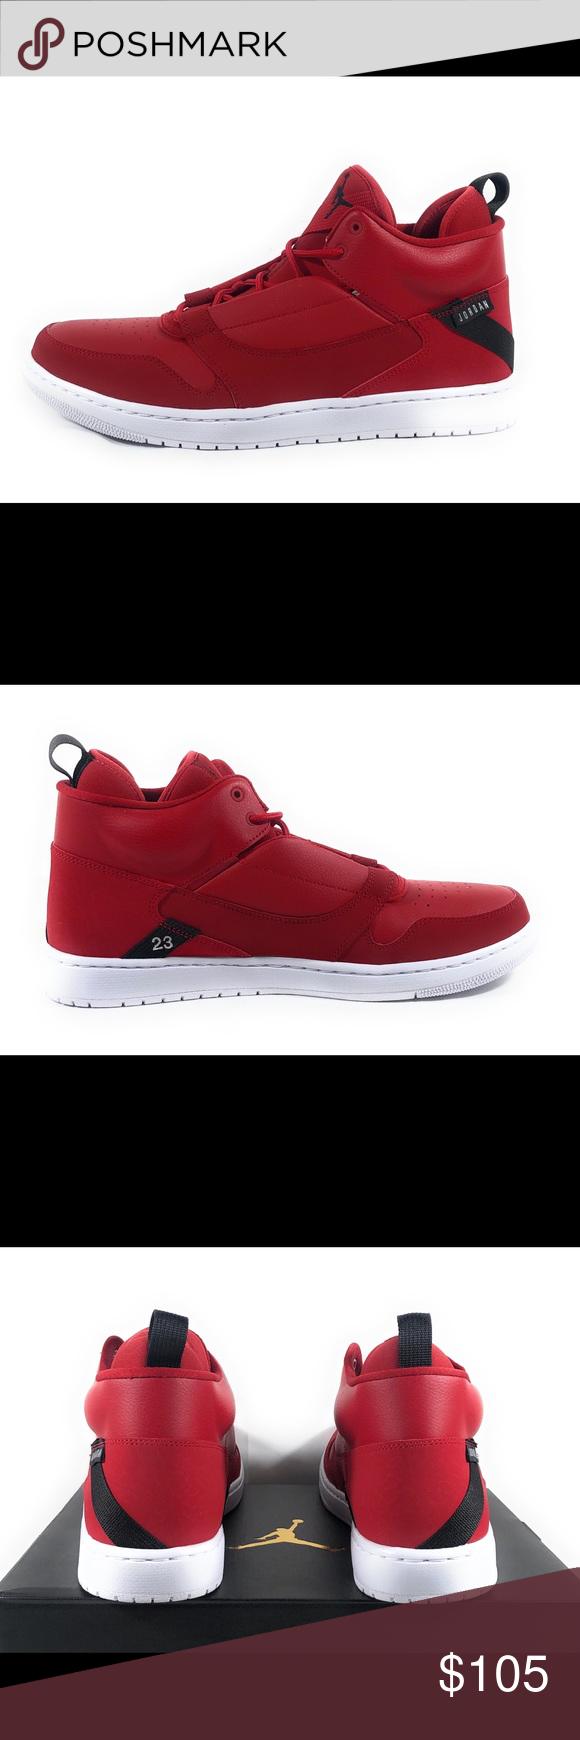 844fcb5c0ab5 Nike Jordan Fadeaway Men s Basketball Sneakers Nike Jordan Fadeaway Men s  Mid Top Red Basketball Sneakers AO1329